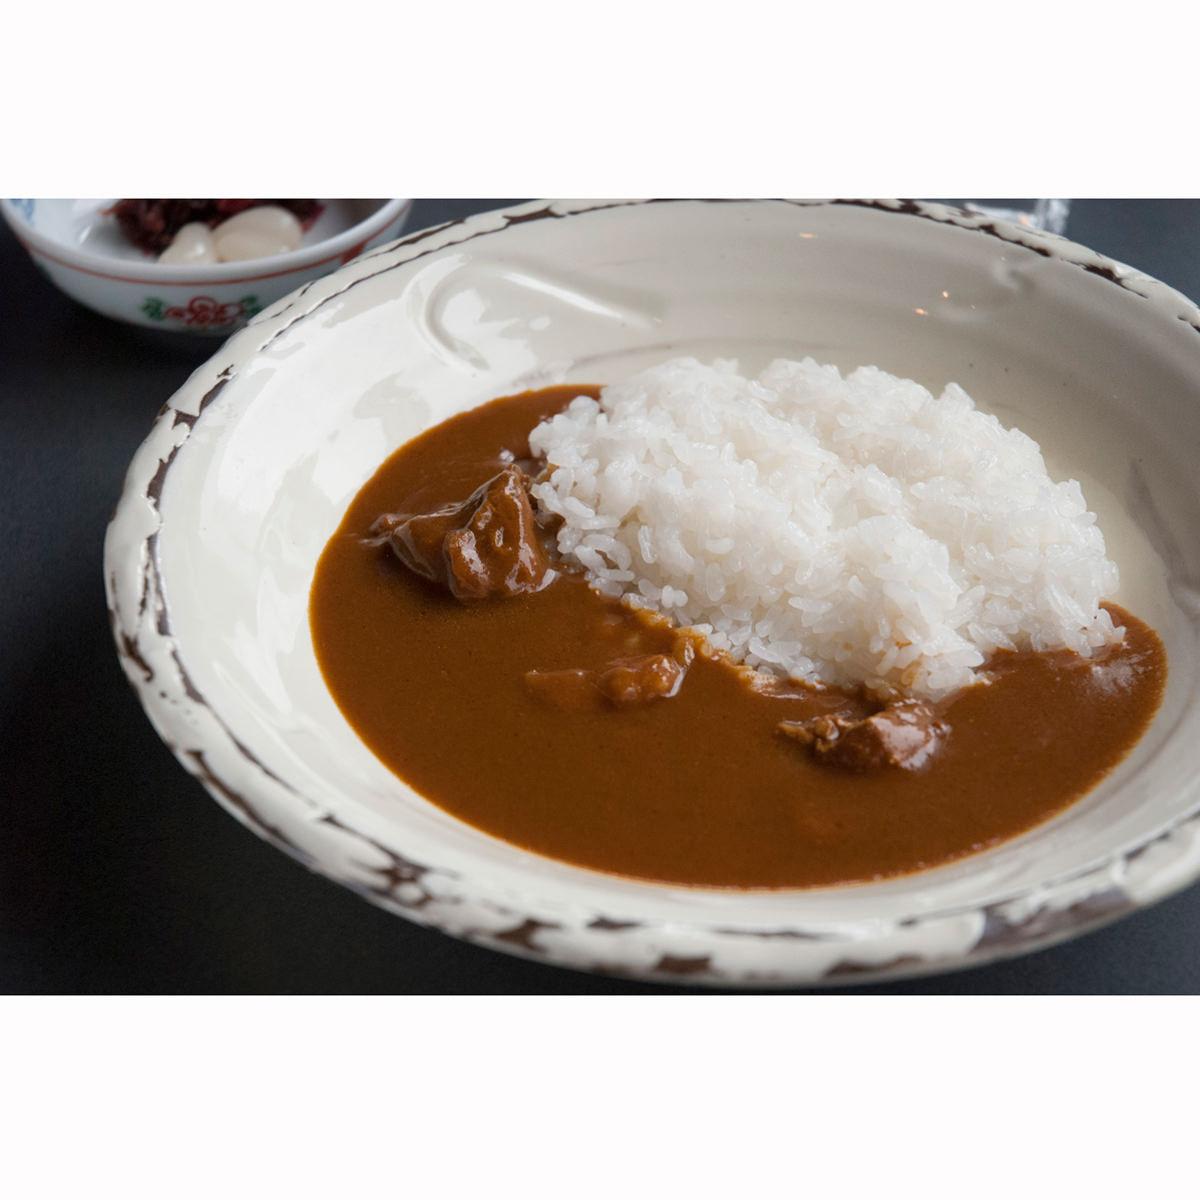 ほてるISAGO神戸 黒毛和牛カレー 6食 〔200g×6〕 兵庫県 レトルトカレー 神戸